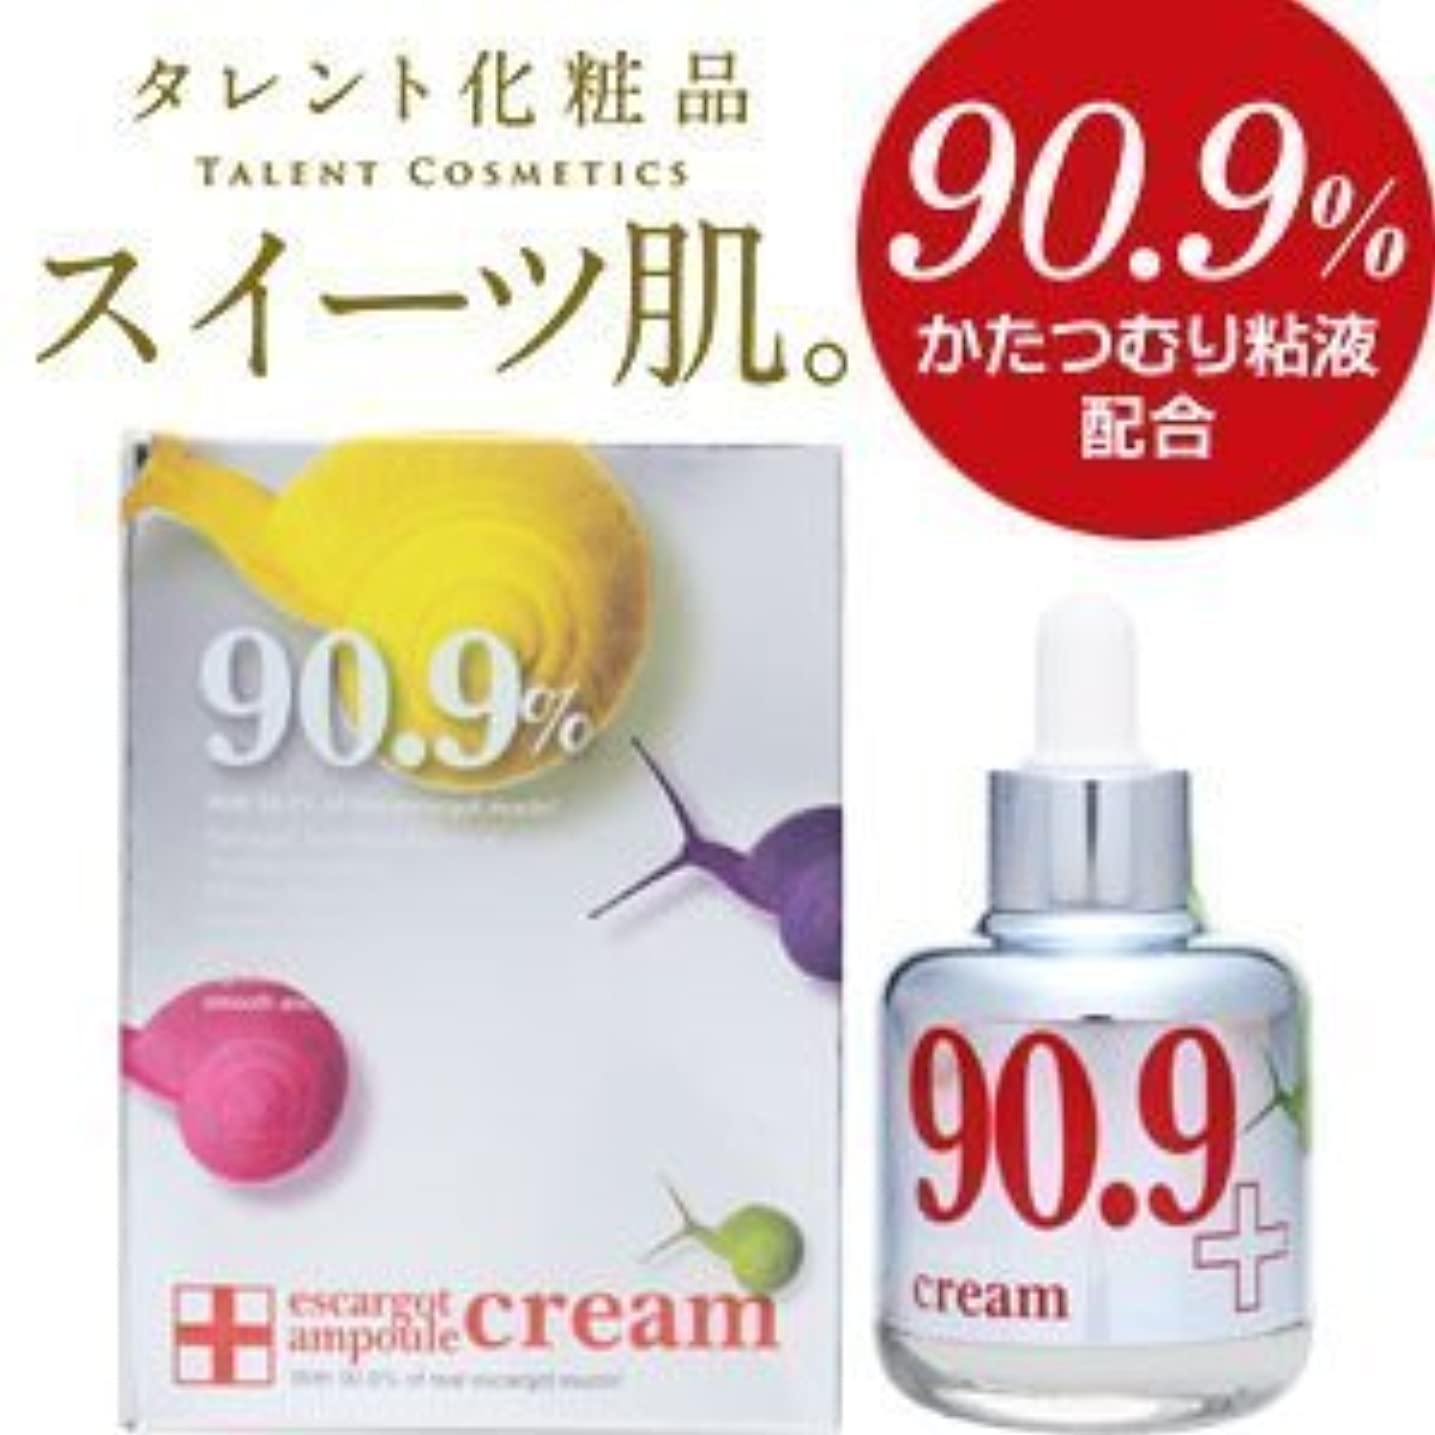 現実的混乱させる批判する【カタツムリクリーム】90.9%エスカルゴアンプルクリーム正規輸入品